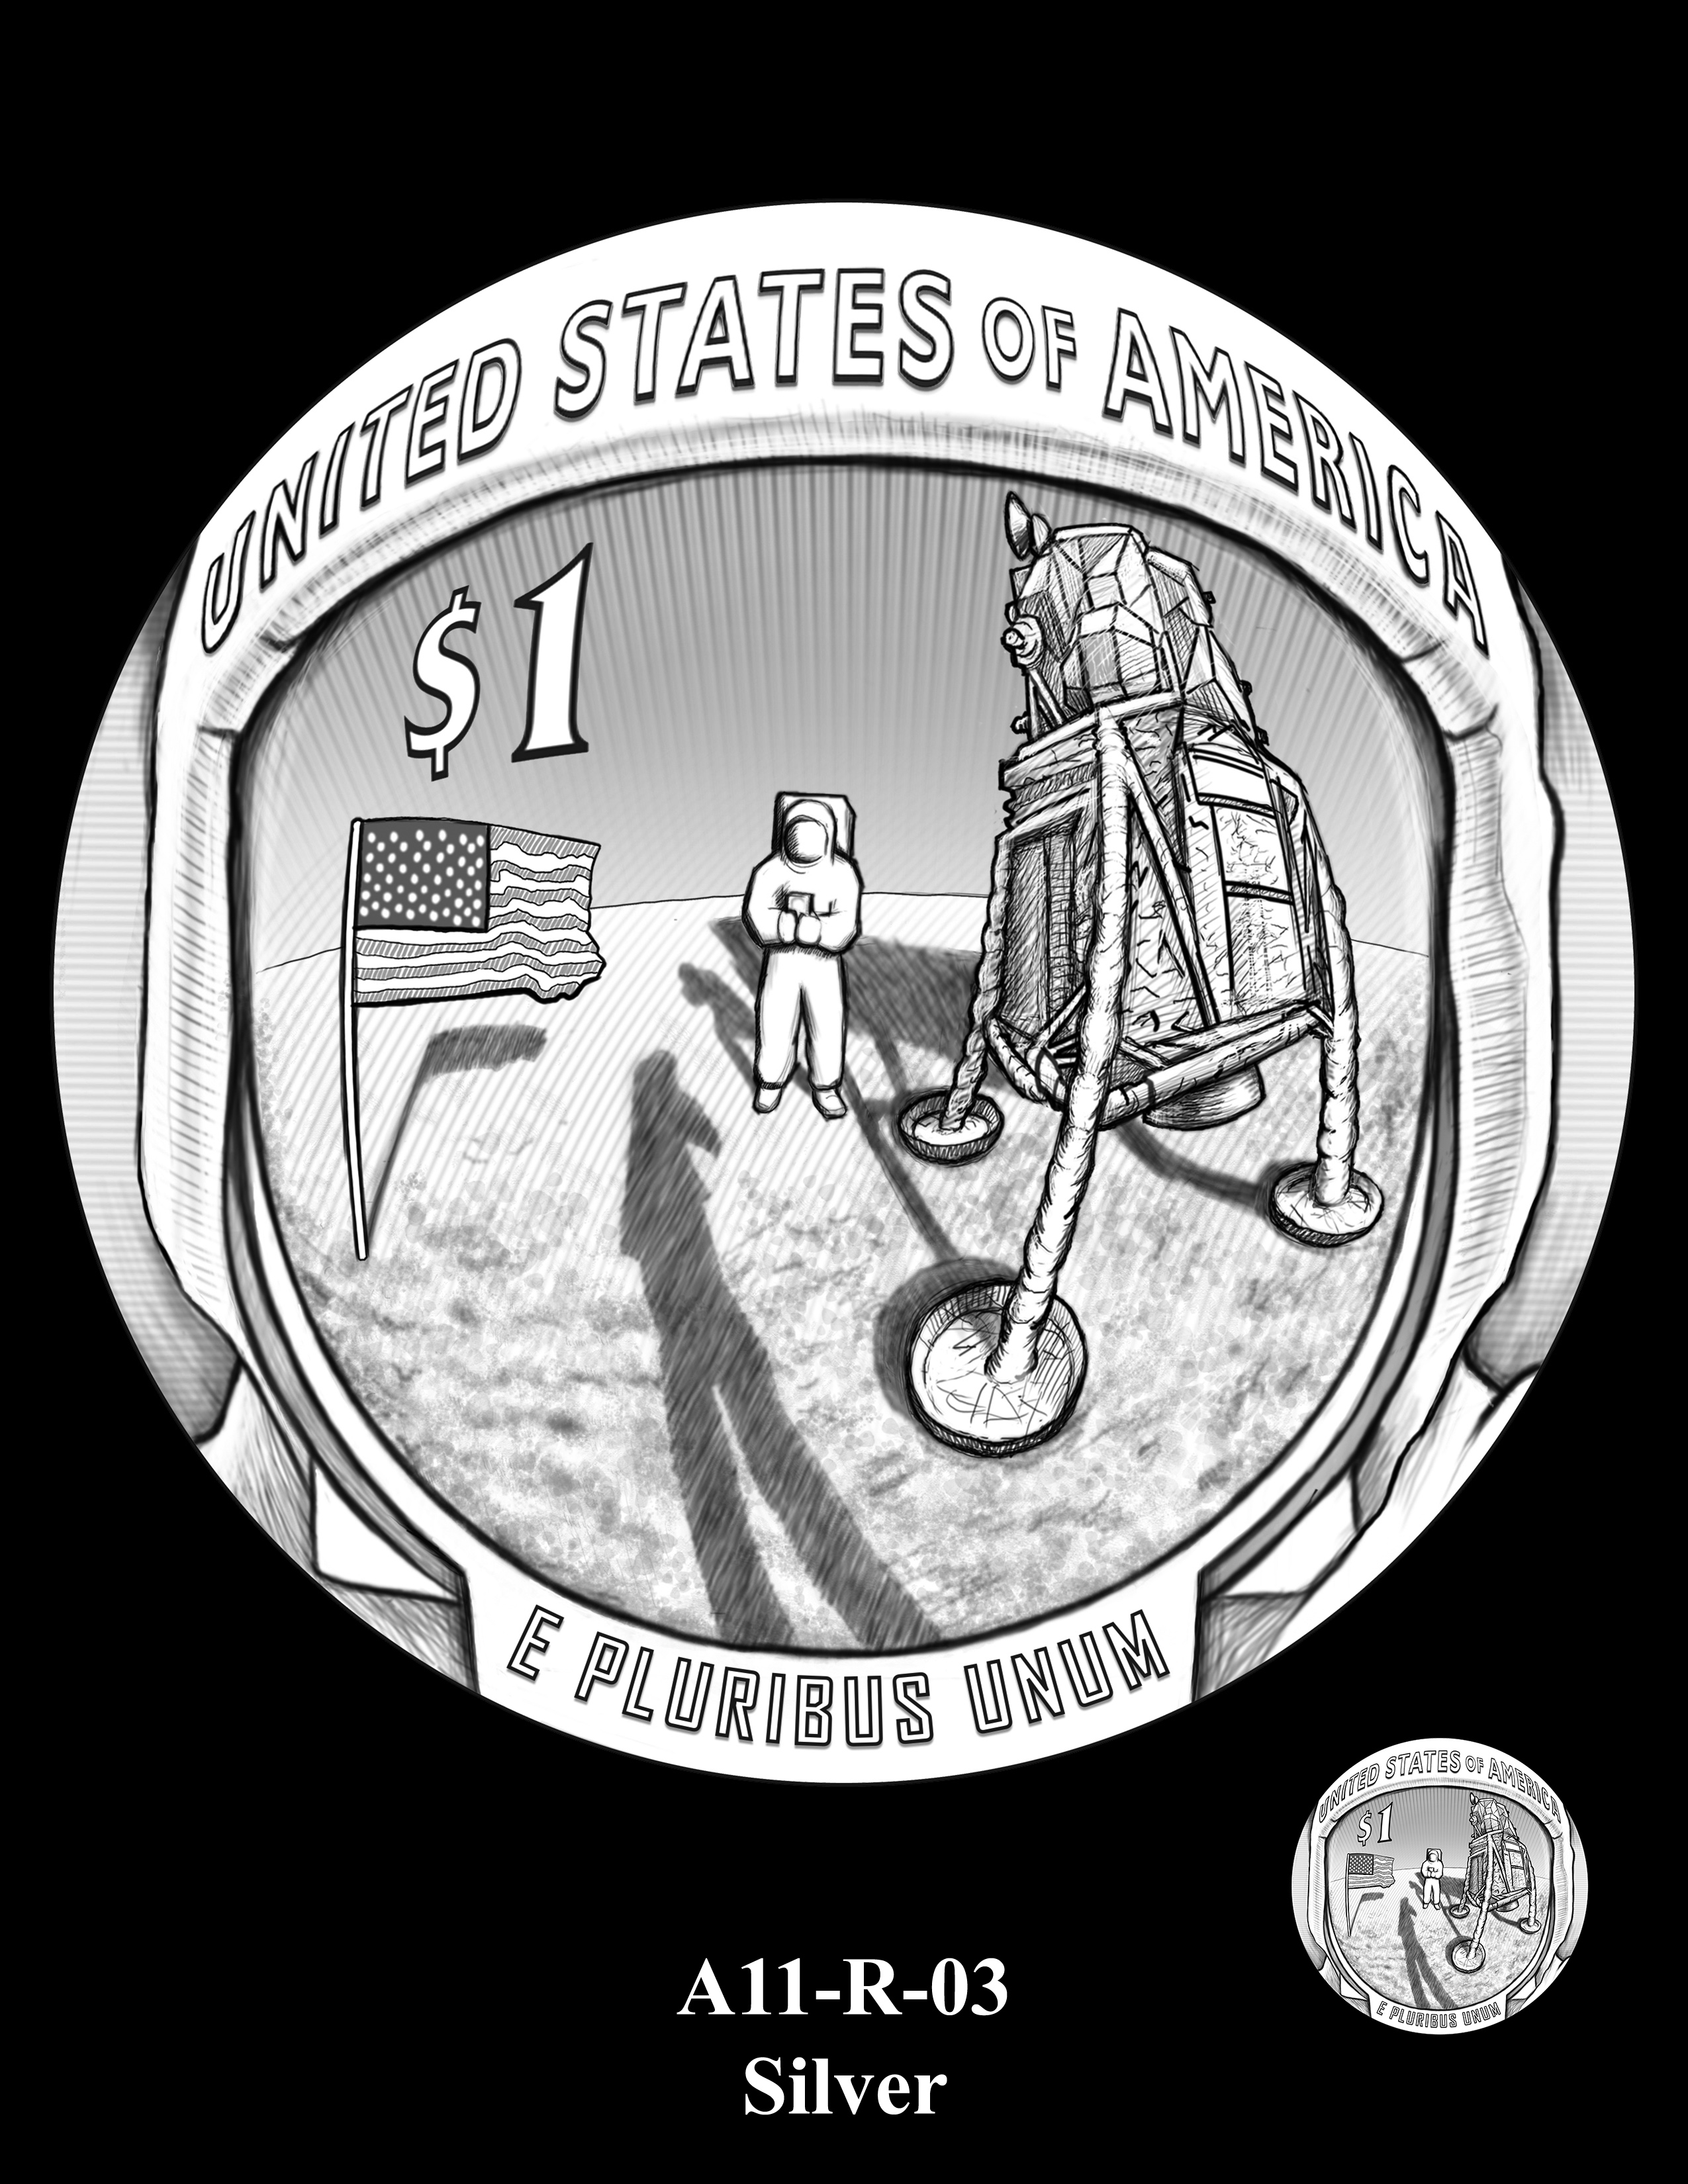 A11-R-03-SILVER -- 2019-Apollo 11 50th Anniversary Commemorative Coin